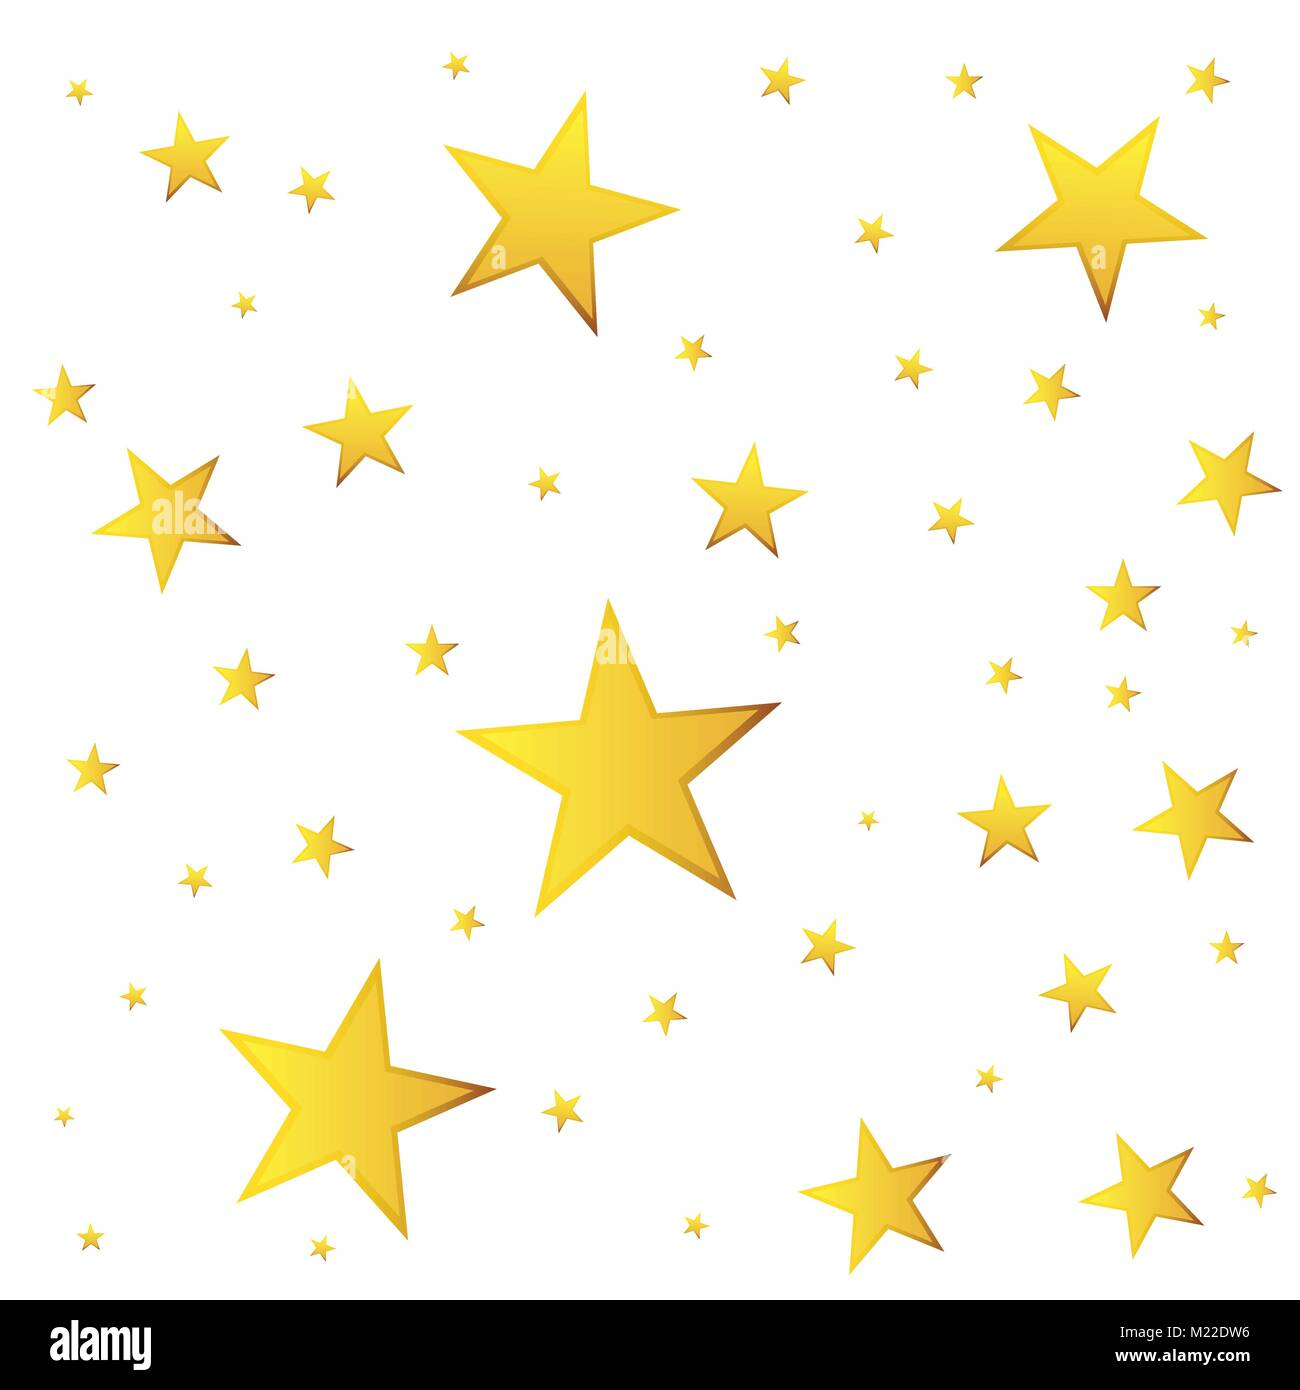 Stella Cadente Di Natale.Abstract Stella Cadente Vettore Illustrazione Con Golden